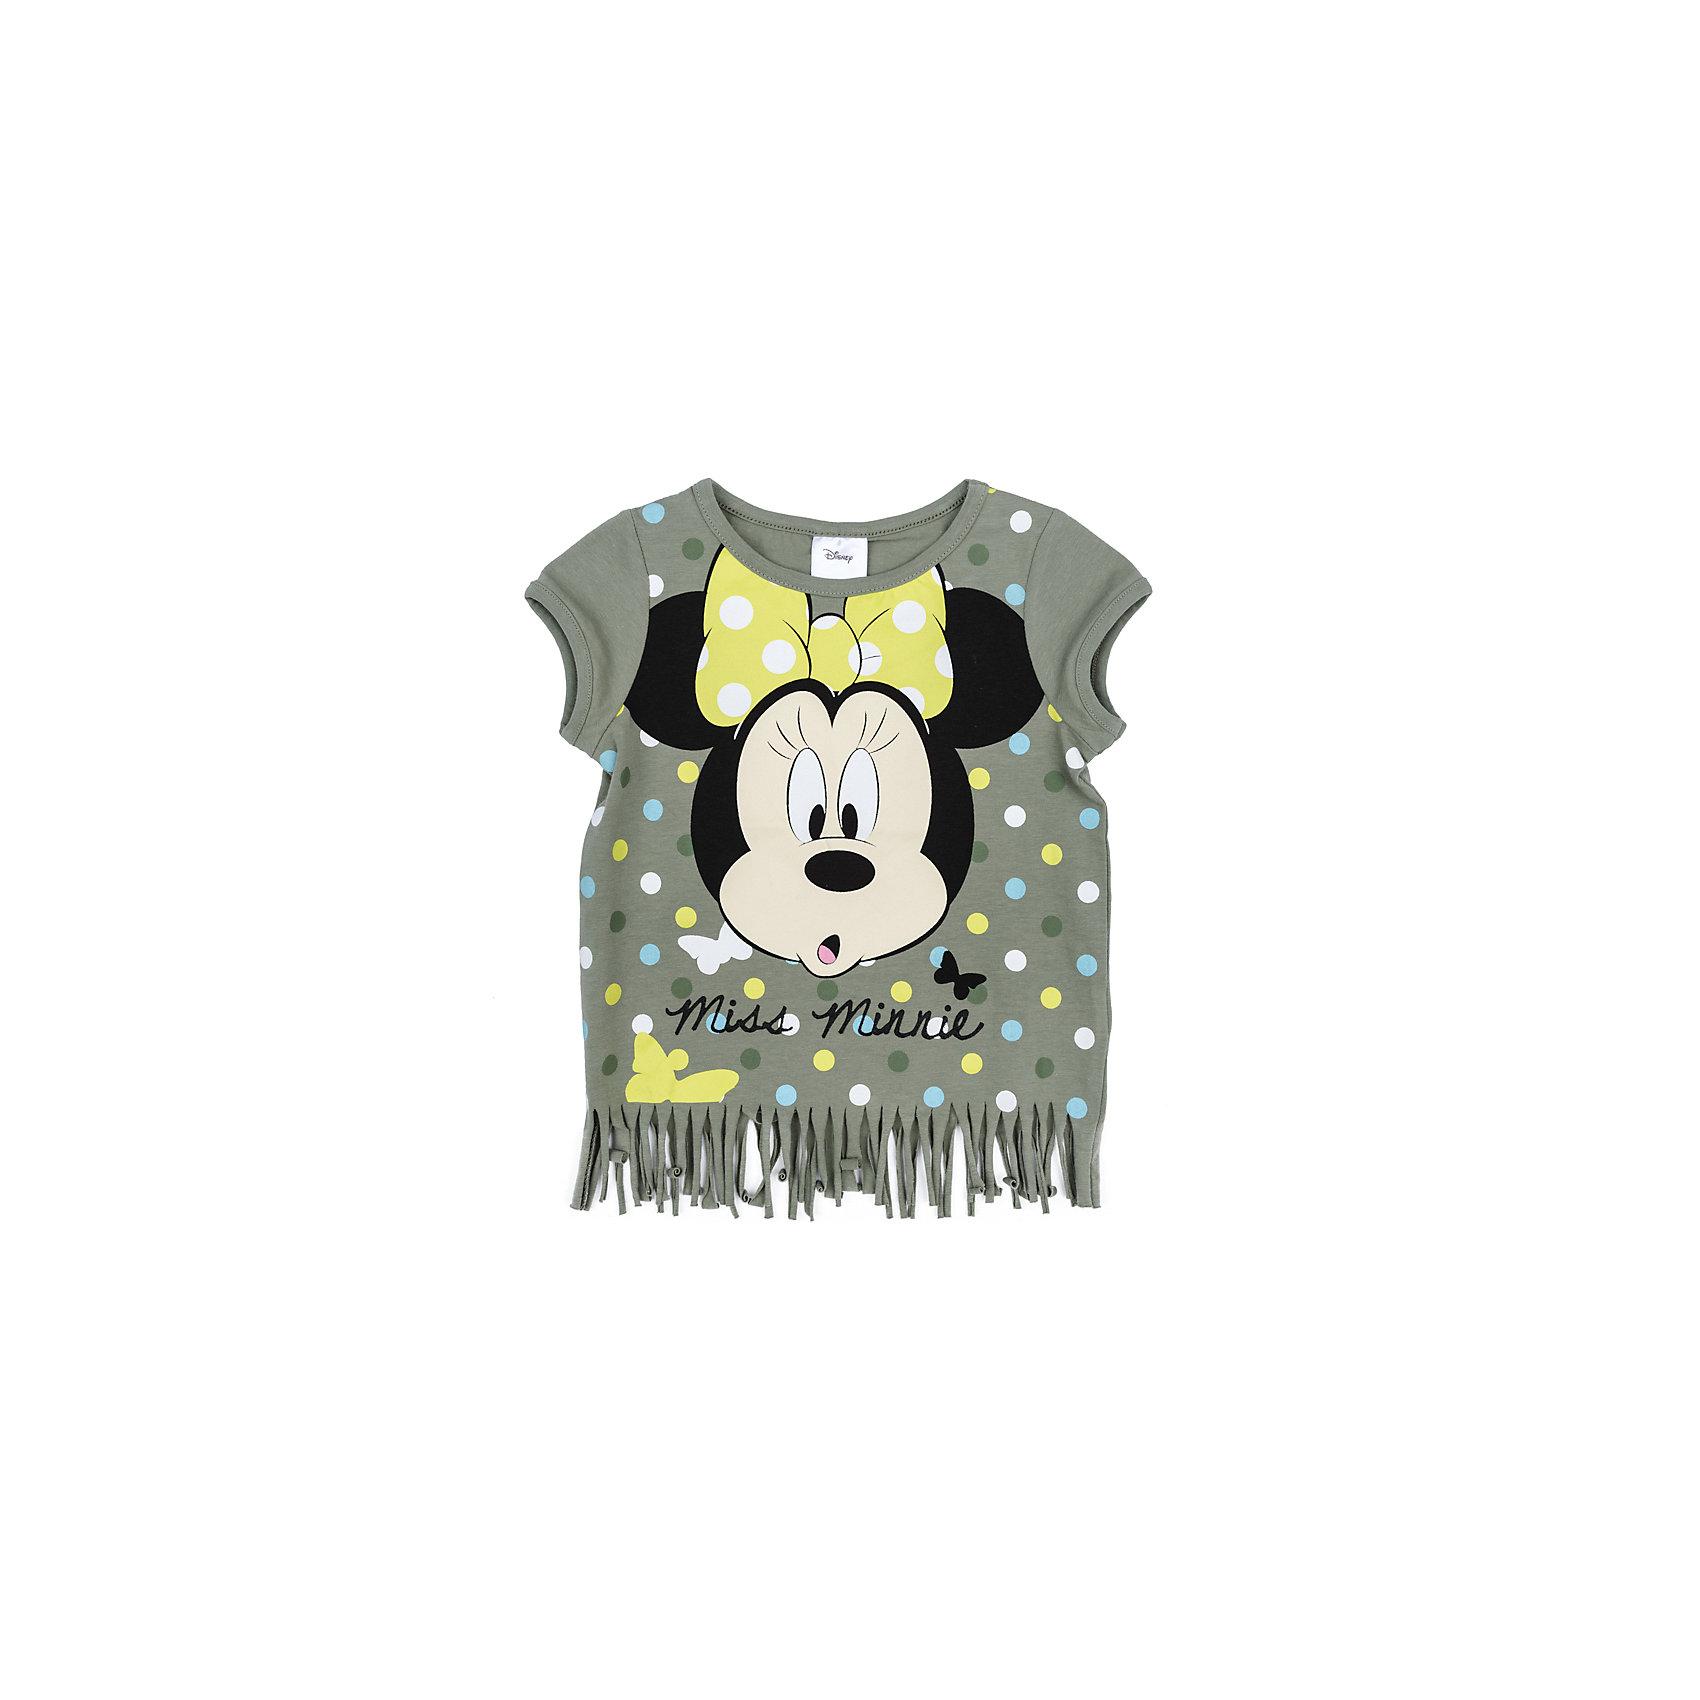 Футболка для девочки PlayTodayФутболка для девочки PlayToday<br>Футболка свободного классического кроя прекрасно подойдет как для домашнего использования, так и для прогулок на свежем воздухе. Можно использовать в качестве базовой вещи повседневного гардероба Вашего ребенка. Яркий стильный лицензированный принт Disney и оригинальная бахрома по низу футболки являются достойным украшением данного изделия.   <br><br>Преимущества: <br><br>Свободный классический крой не сковывает движения ребенка<br>Подходит в качестве азовой вещи для повседневного гардероба<br>Яркий стильный лицензированный принт Disney<br><br>Состав:<br>95% хлопок, 5% эластан<br><br>Ширина мм: 199<br>Глубина мм: 10<br>Высота мм: 161<br>Вес г: 151<br>Цвет: разноцветный<br>Возраст от месяцев: 84<br>Возраст до месяцев: 96<br>Пол: Женский<br>Возраст: Детский<br>Размер: 128,98,104,110,116,122<br>SKU: 5403949